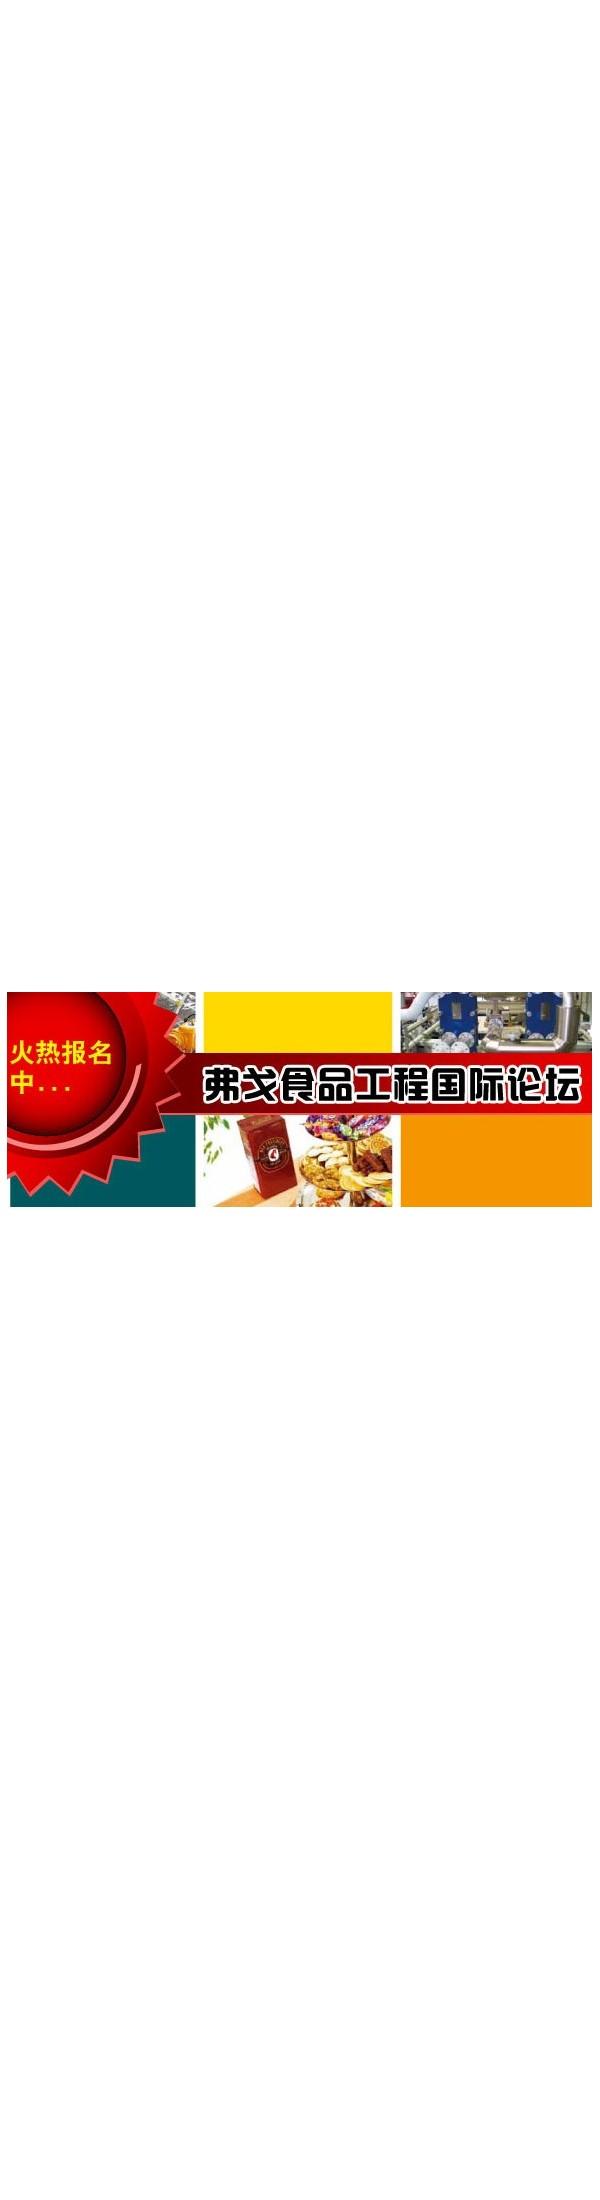 弗戈食品工程国际论坛